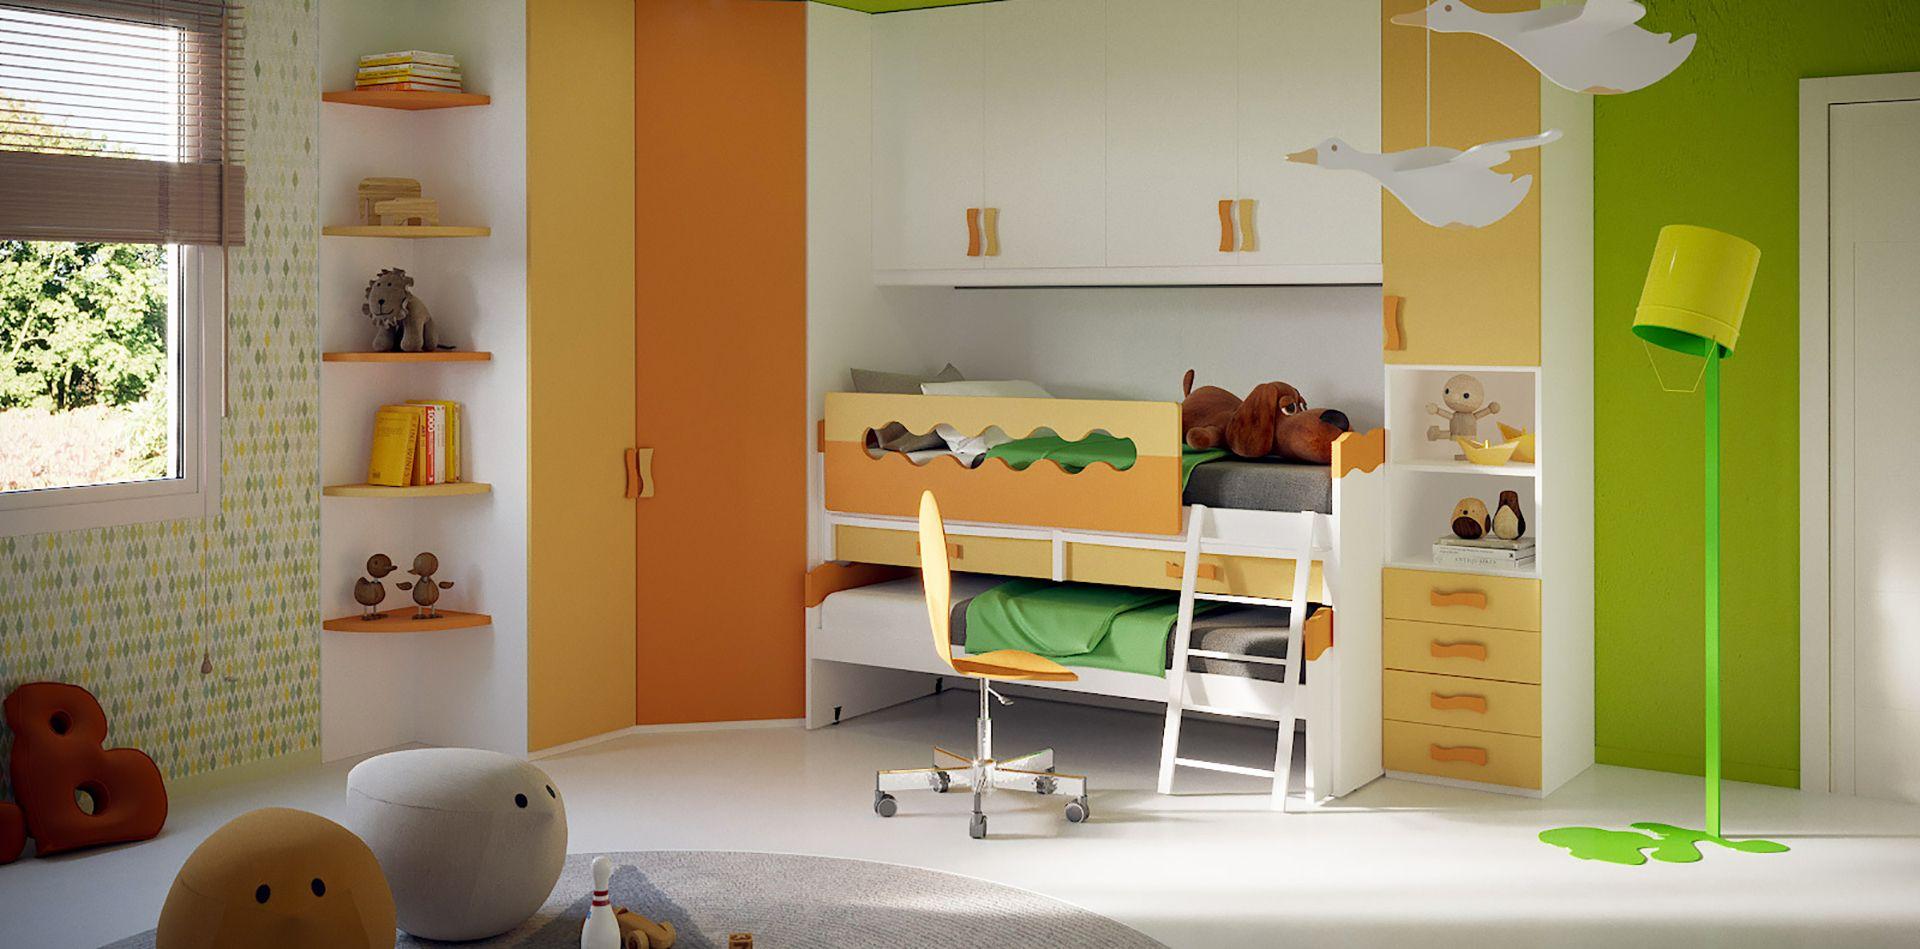 Cameretta A Ponte Arancione.Cameretta Per Bambini A Ponte Colore Bianco E Arancione S2